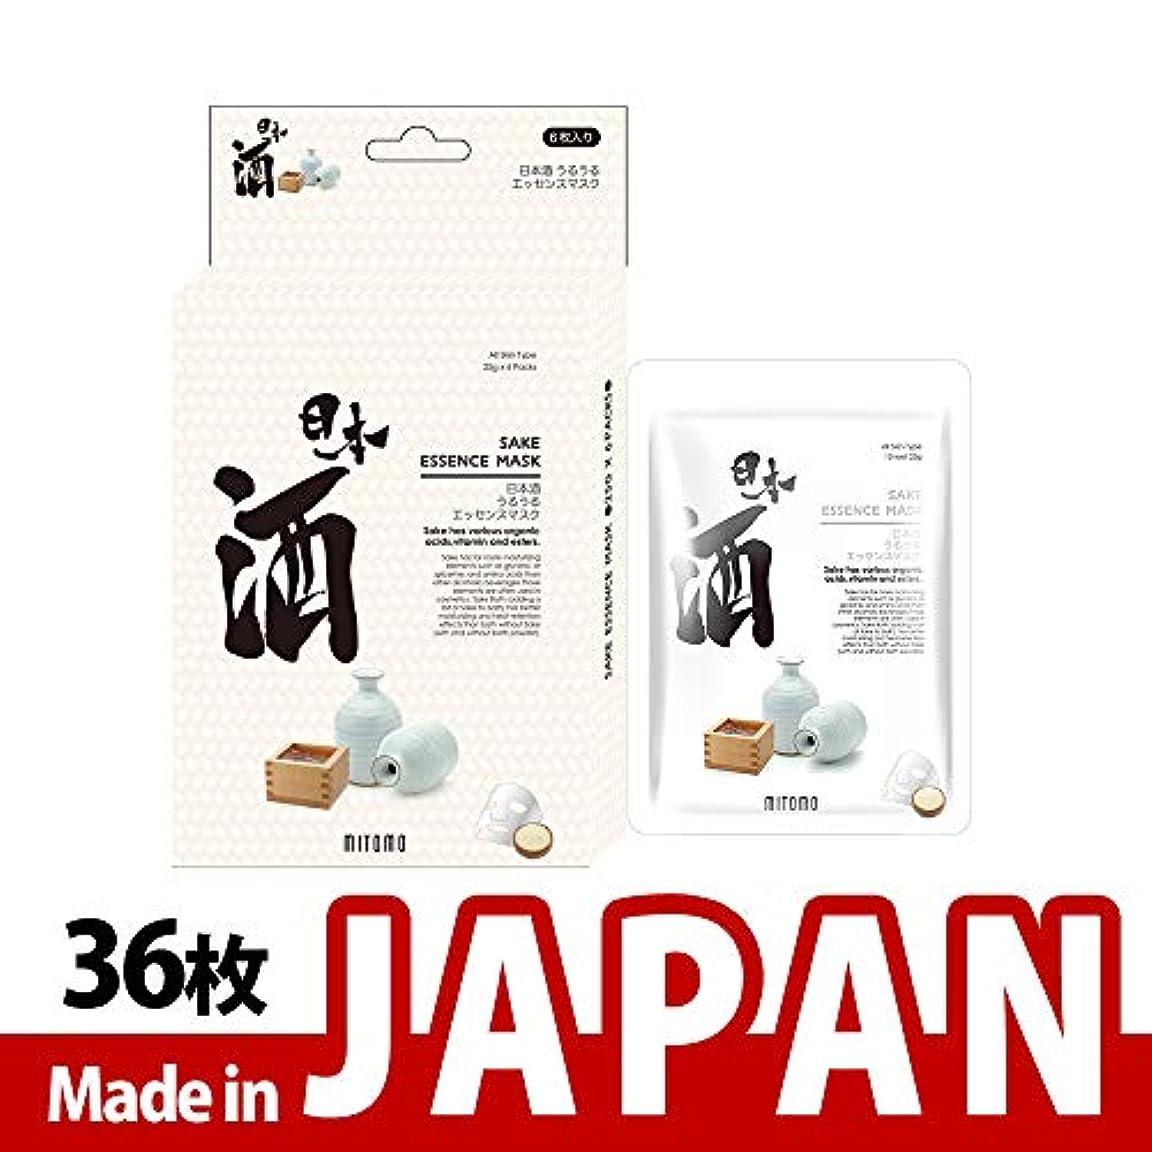 干ばつ暴露する挨拶するMITOMO【JP512-E-5】日本製シートマスク/6枚入り/36枚/美容液/マスクパック/送料無料